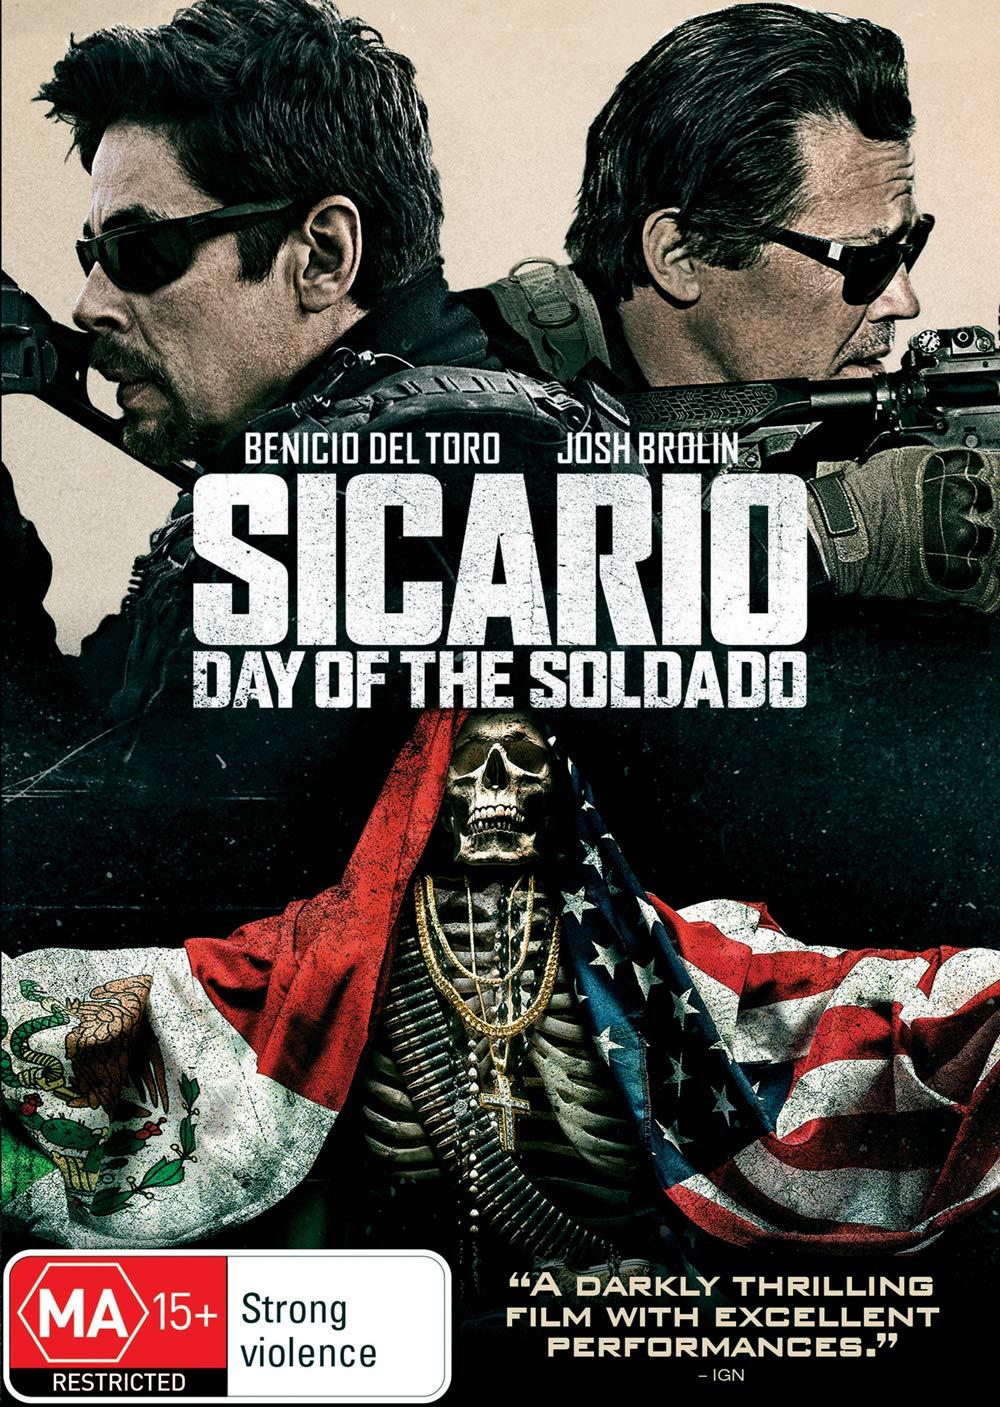 Amazon.com: Sicario Day of the Soldado | Benicio Del Toro ...